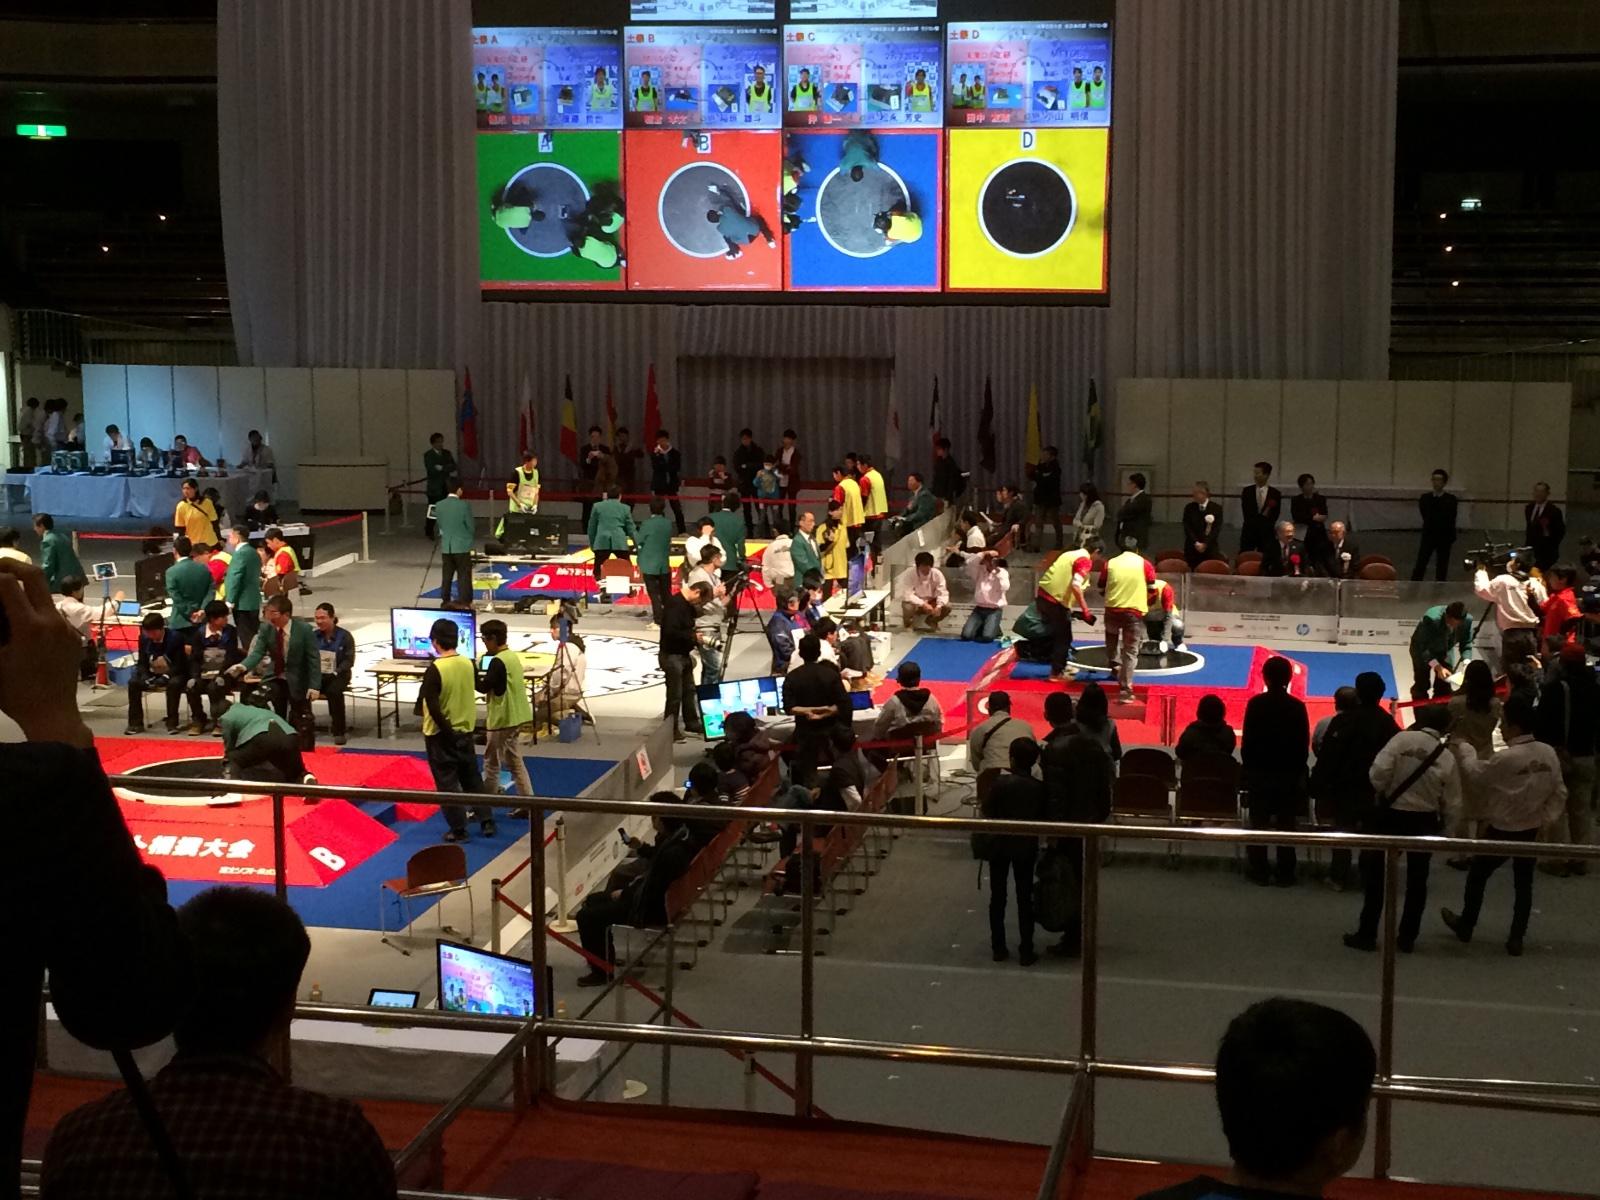 ロボット相撲大会 会場の様子